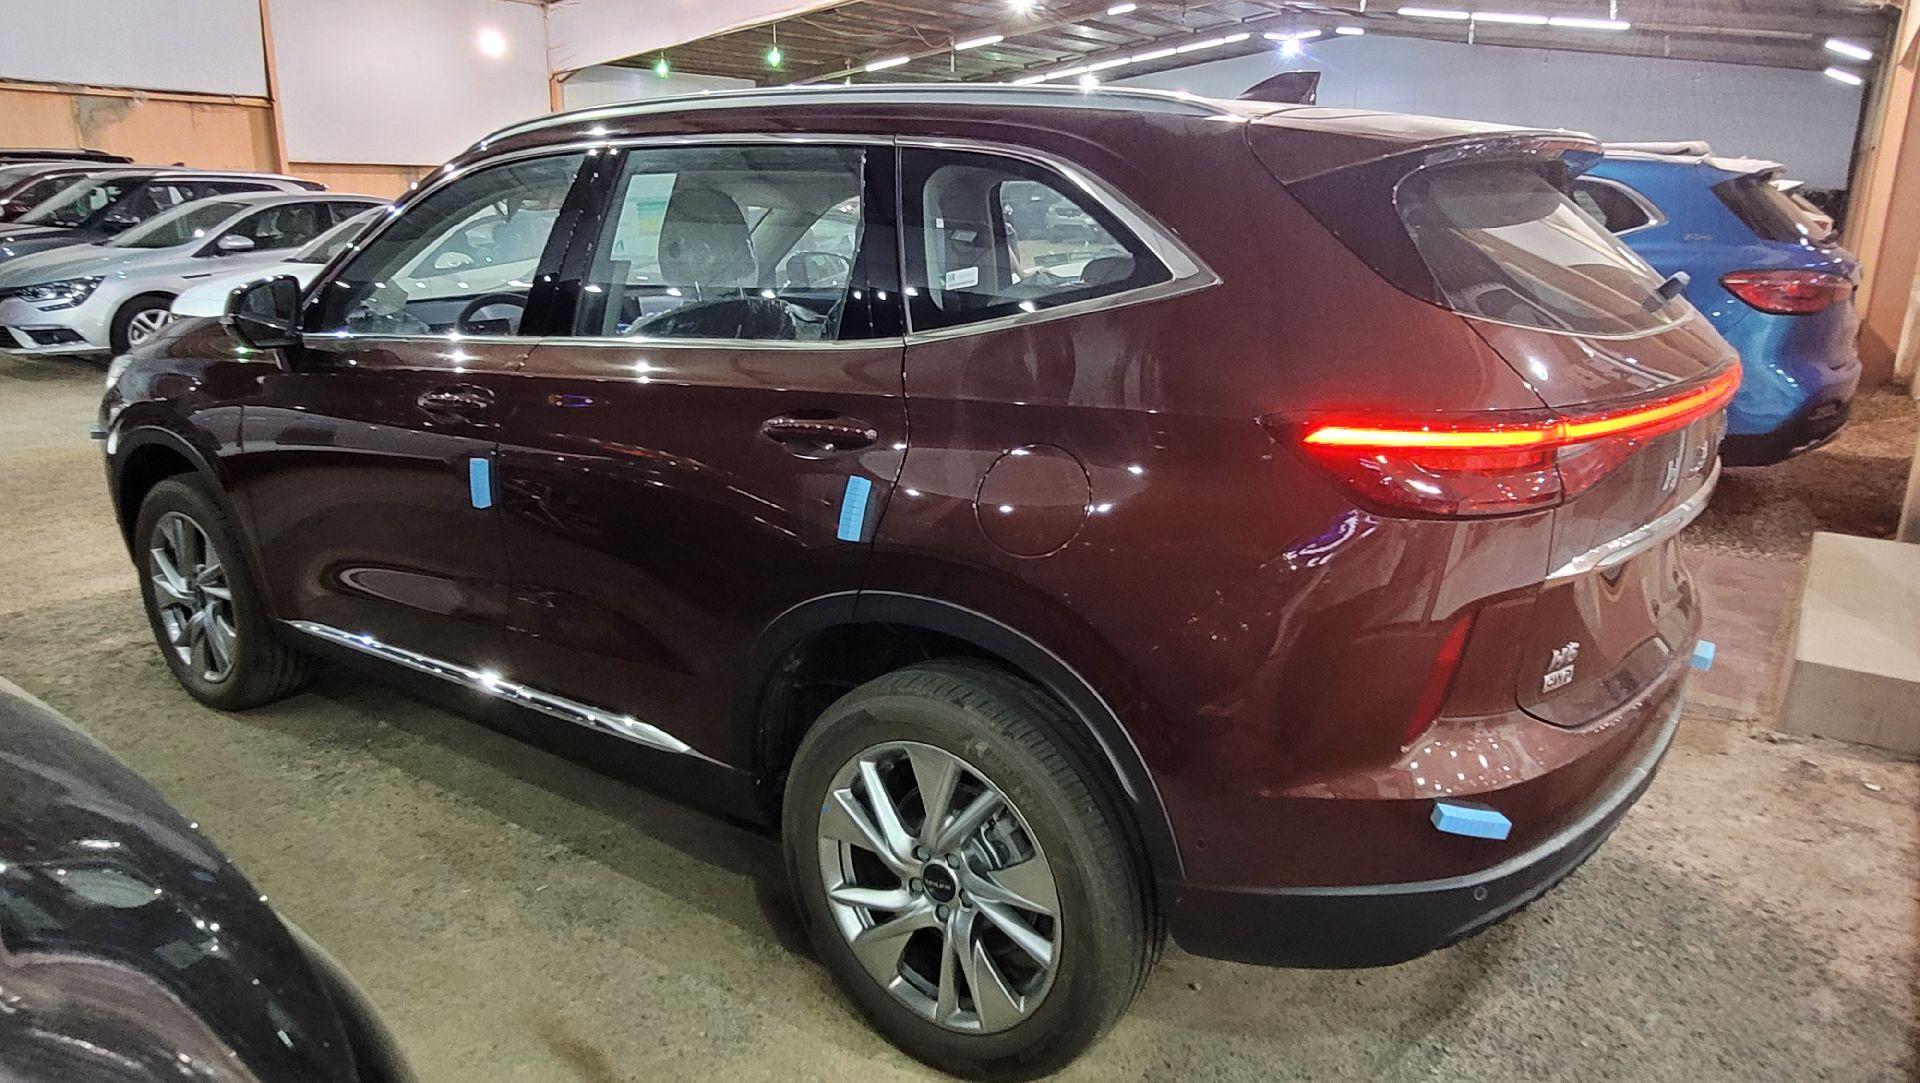 مباع - هافال H6 الشكل الجديد Premium 2022 فل سعودي للبيع في الرياض - السعودية - صورة كبيرة - 7